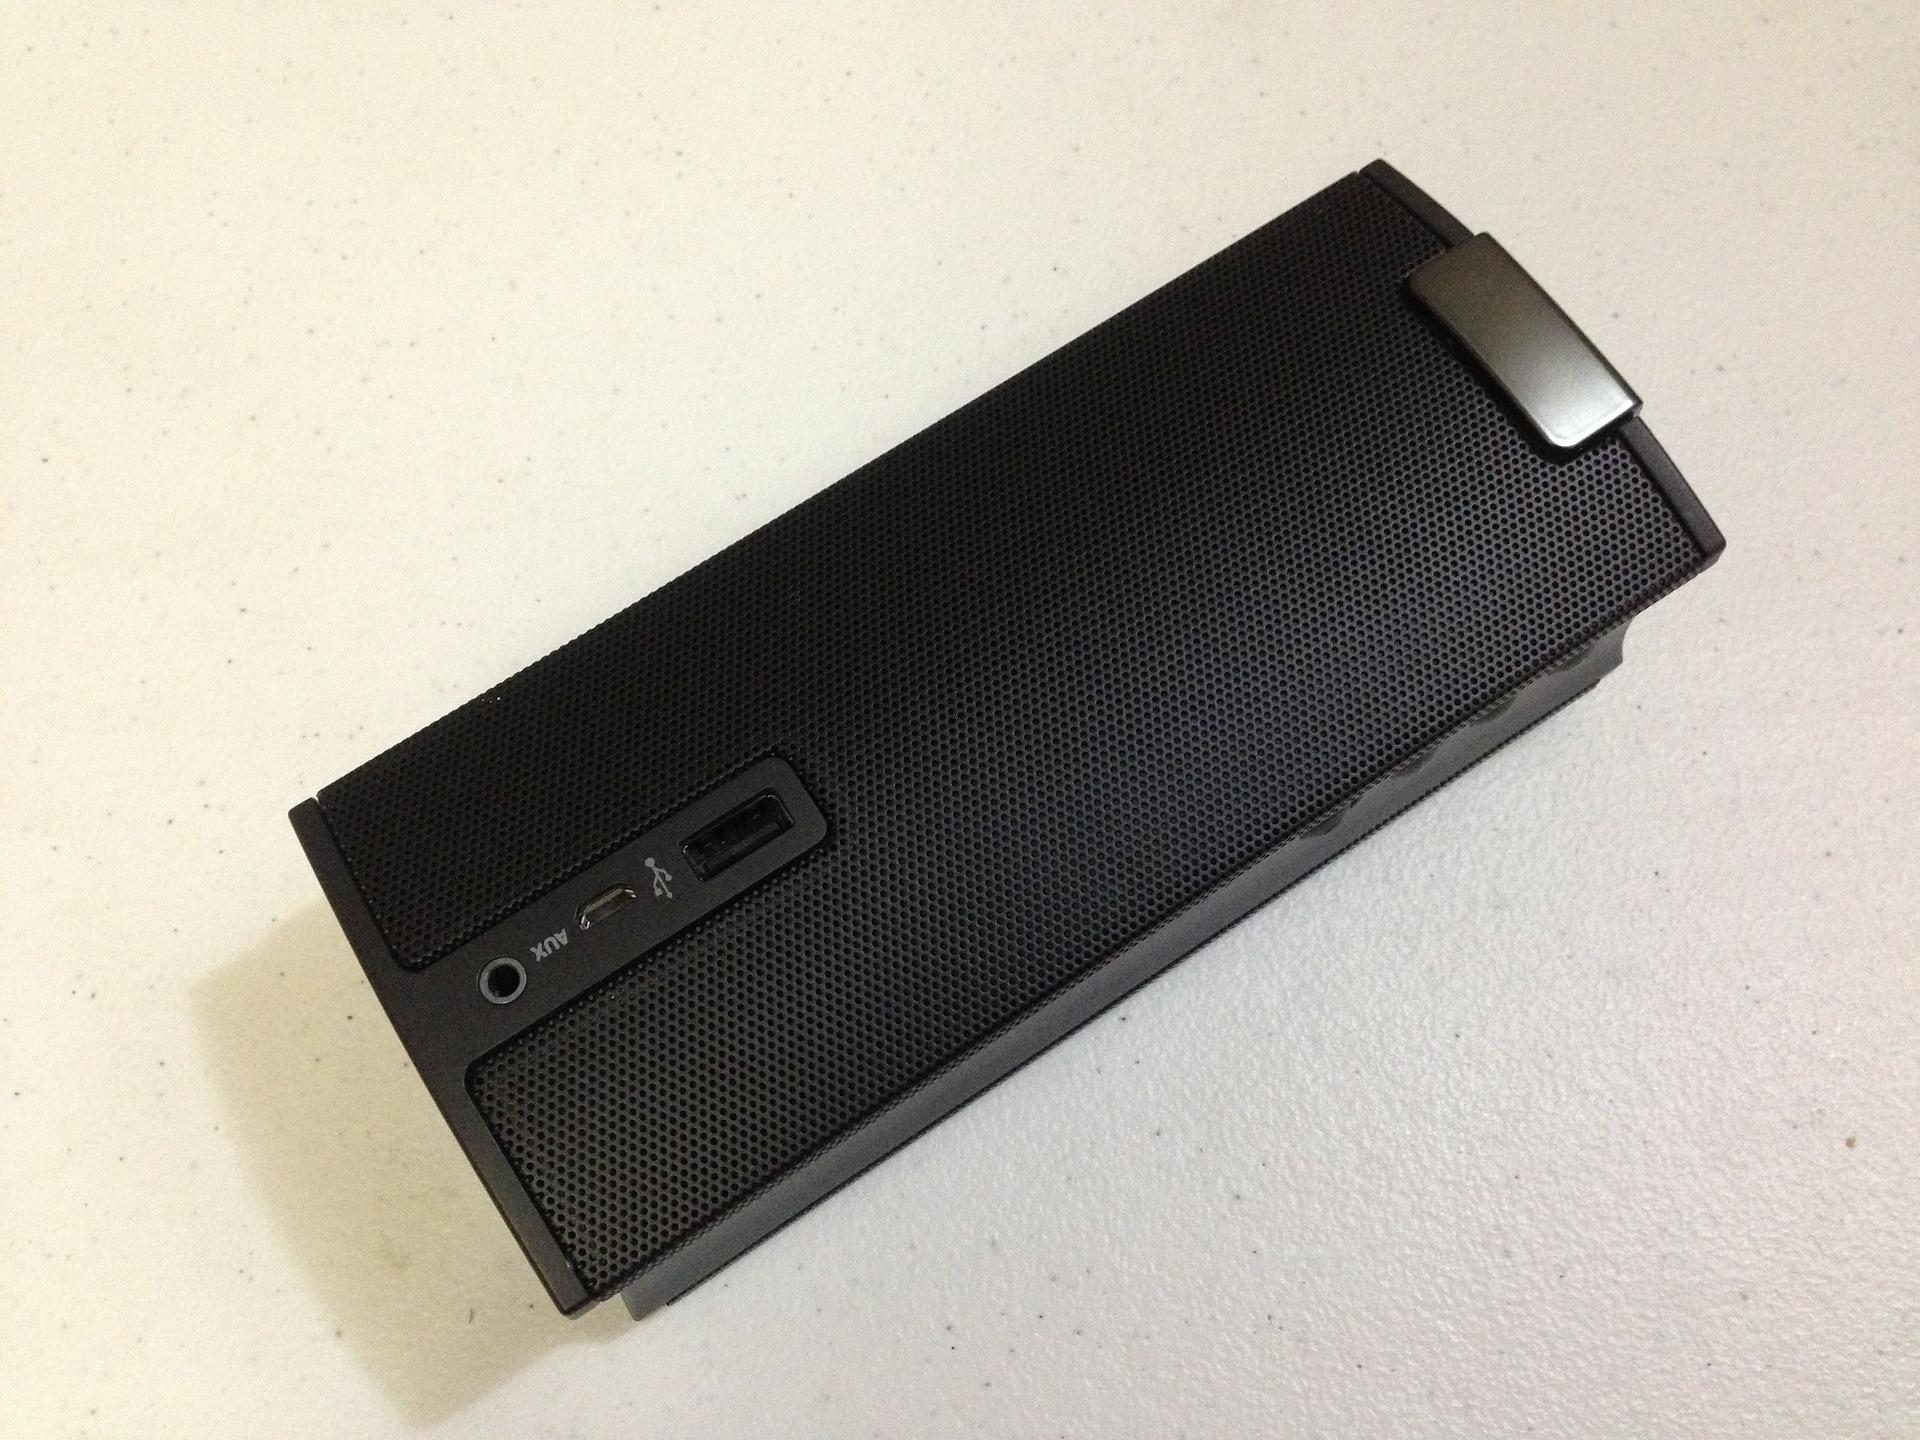 Sales of Waterproof Bluetooth Streaming Speakers Grow to 30 Percent of…